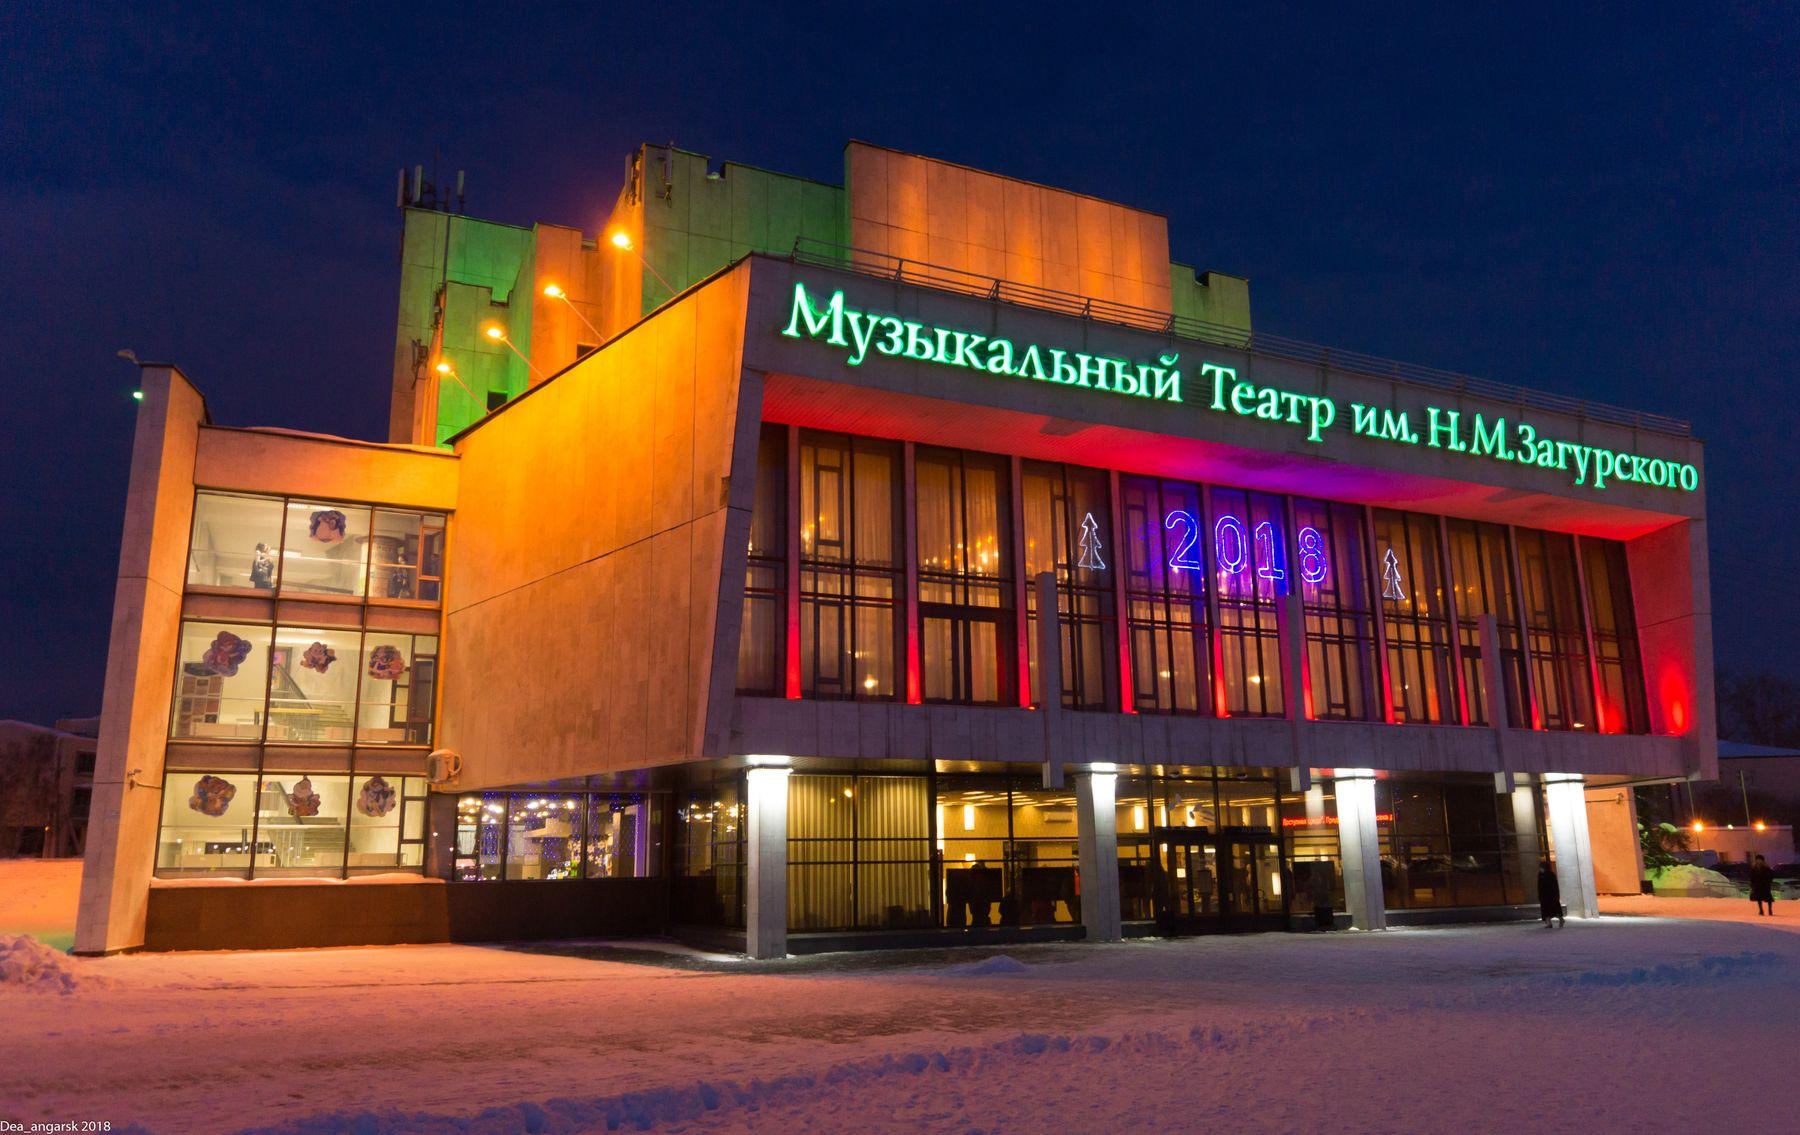 Иркутский музыкальный театр имени Н. М. Загурского Иркутск